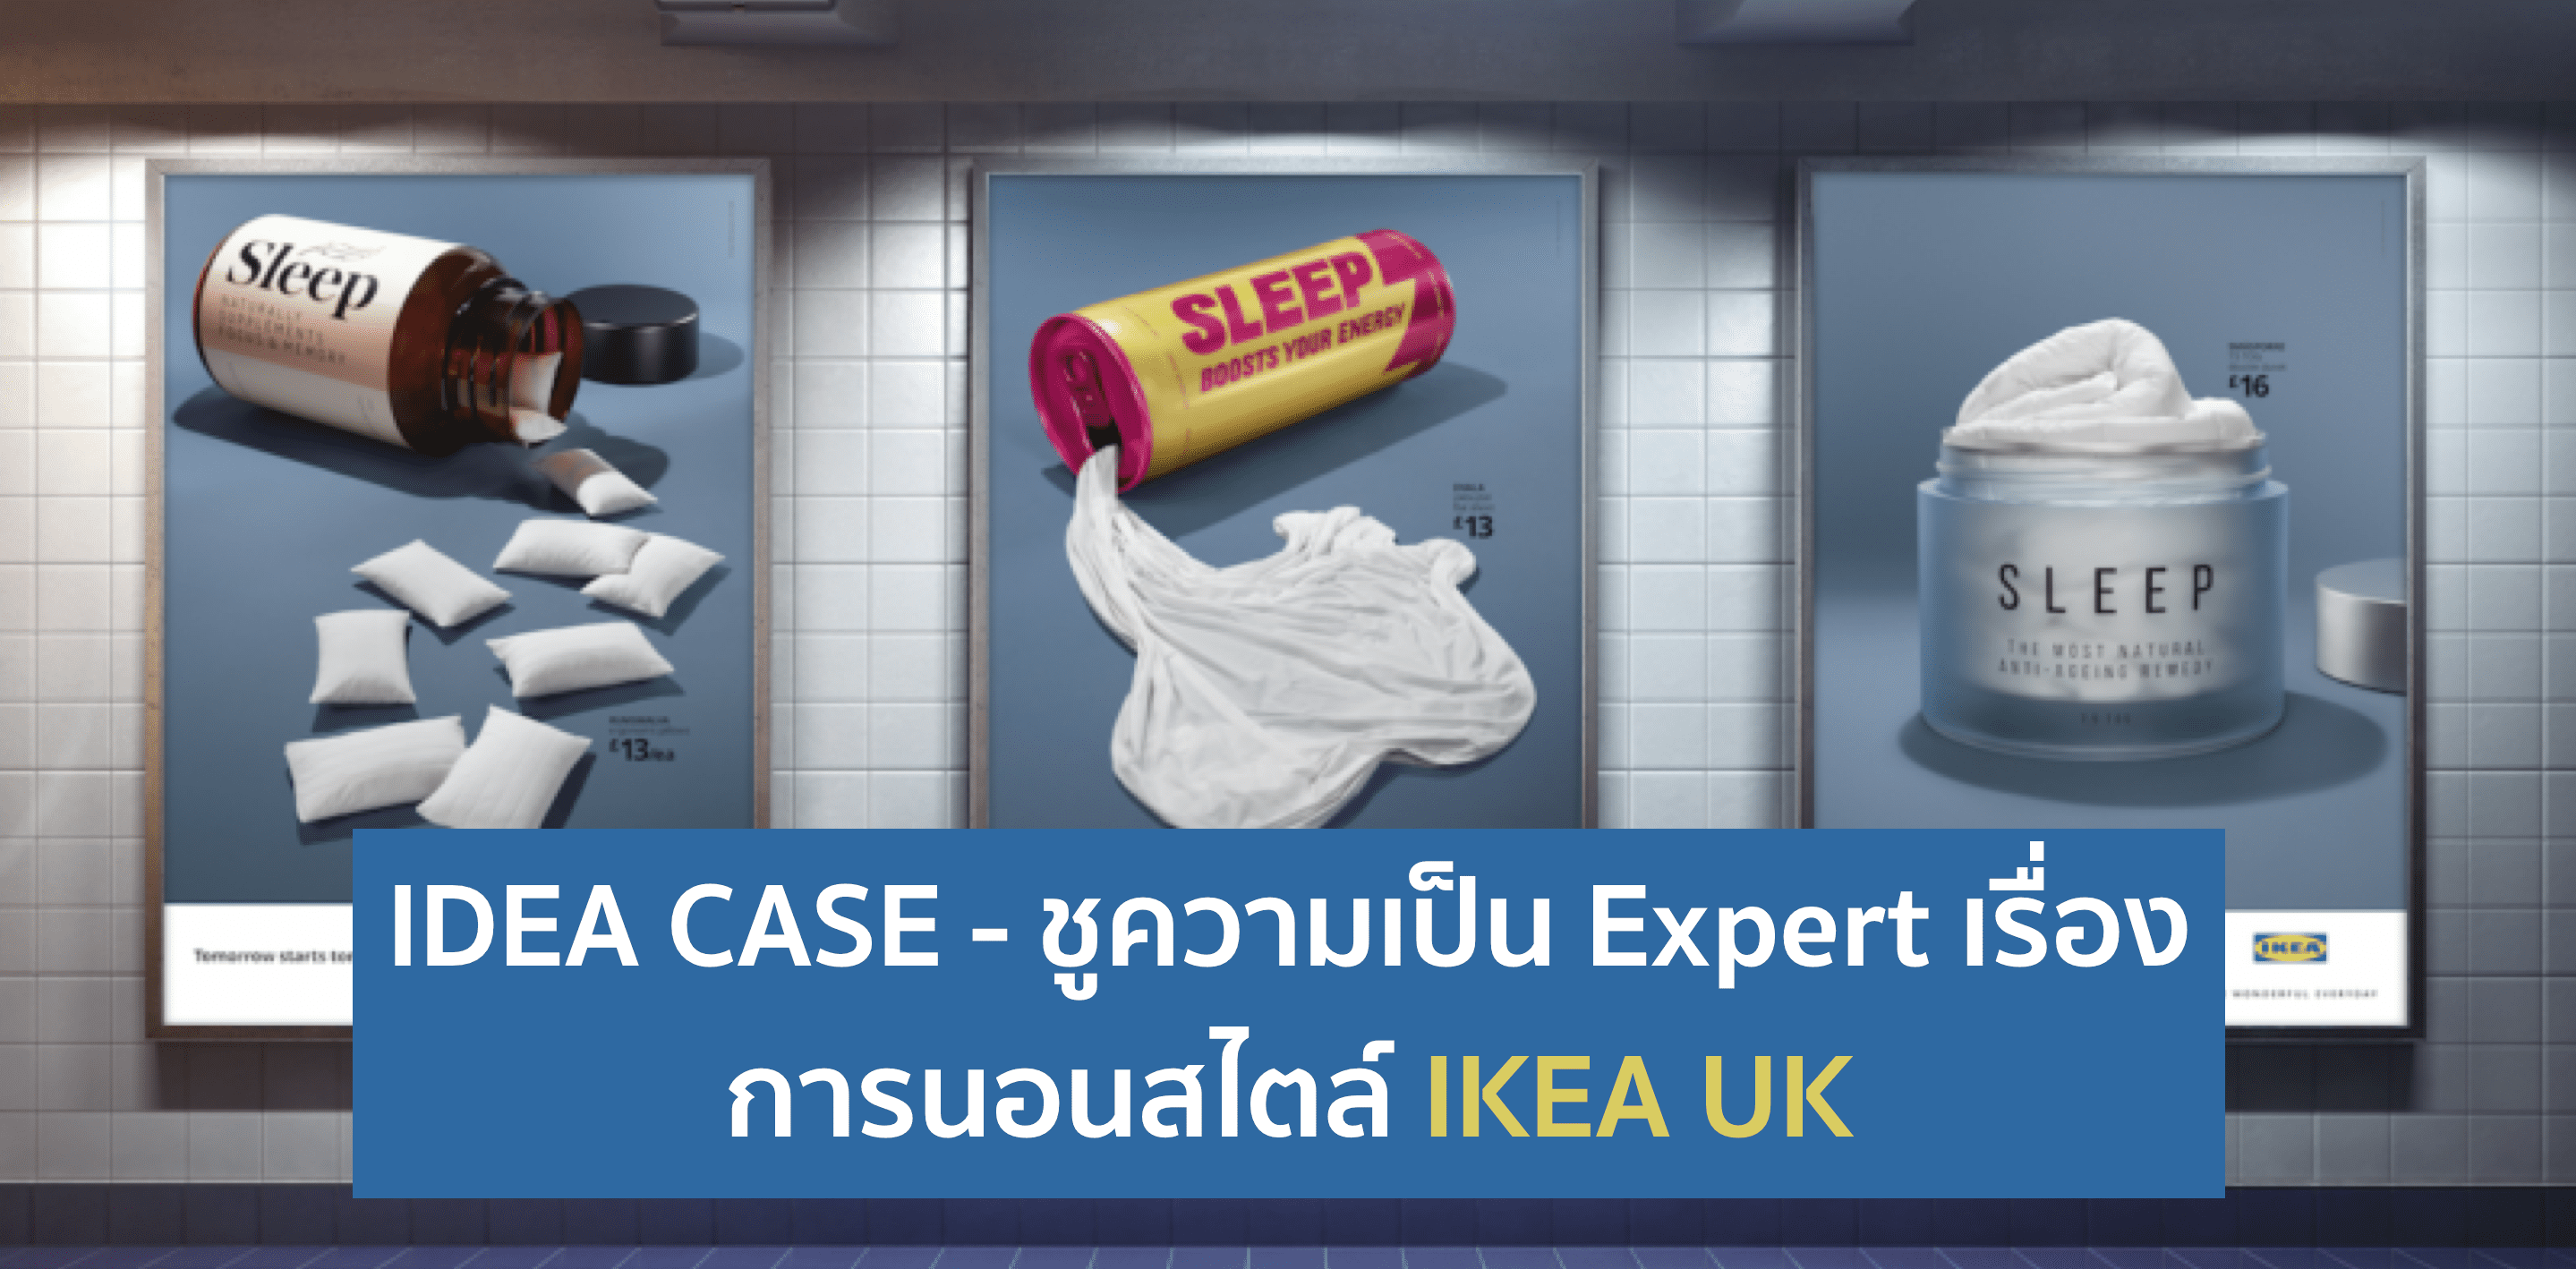 IKEA – ออกแคมเปญชูเรื่องนอน Tomorrow Starts Tonight